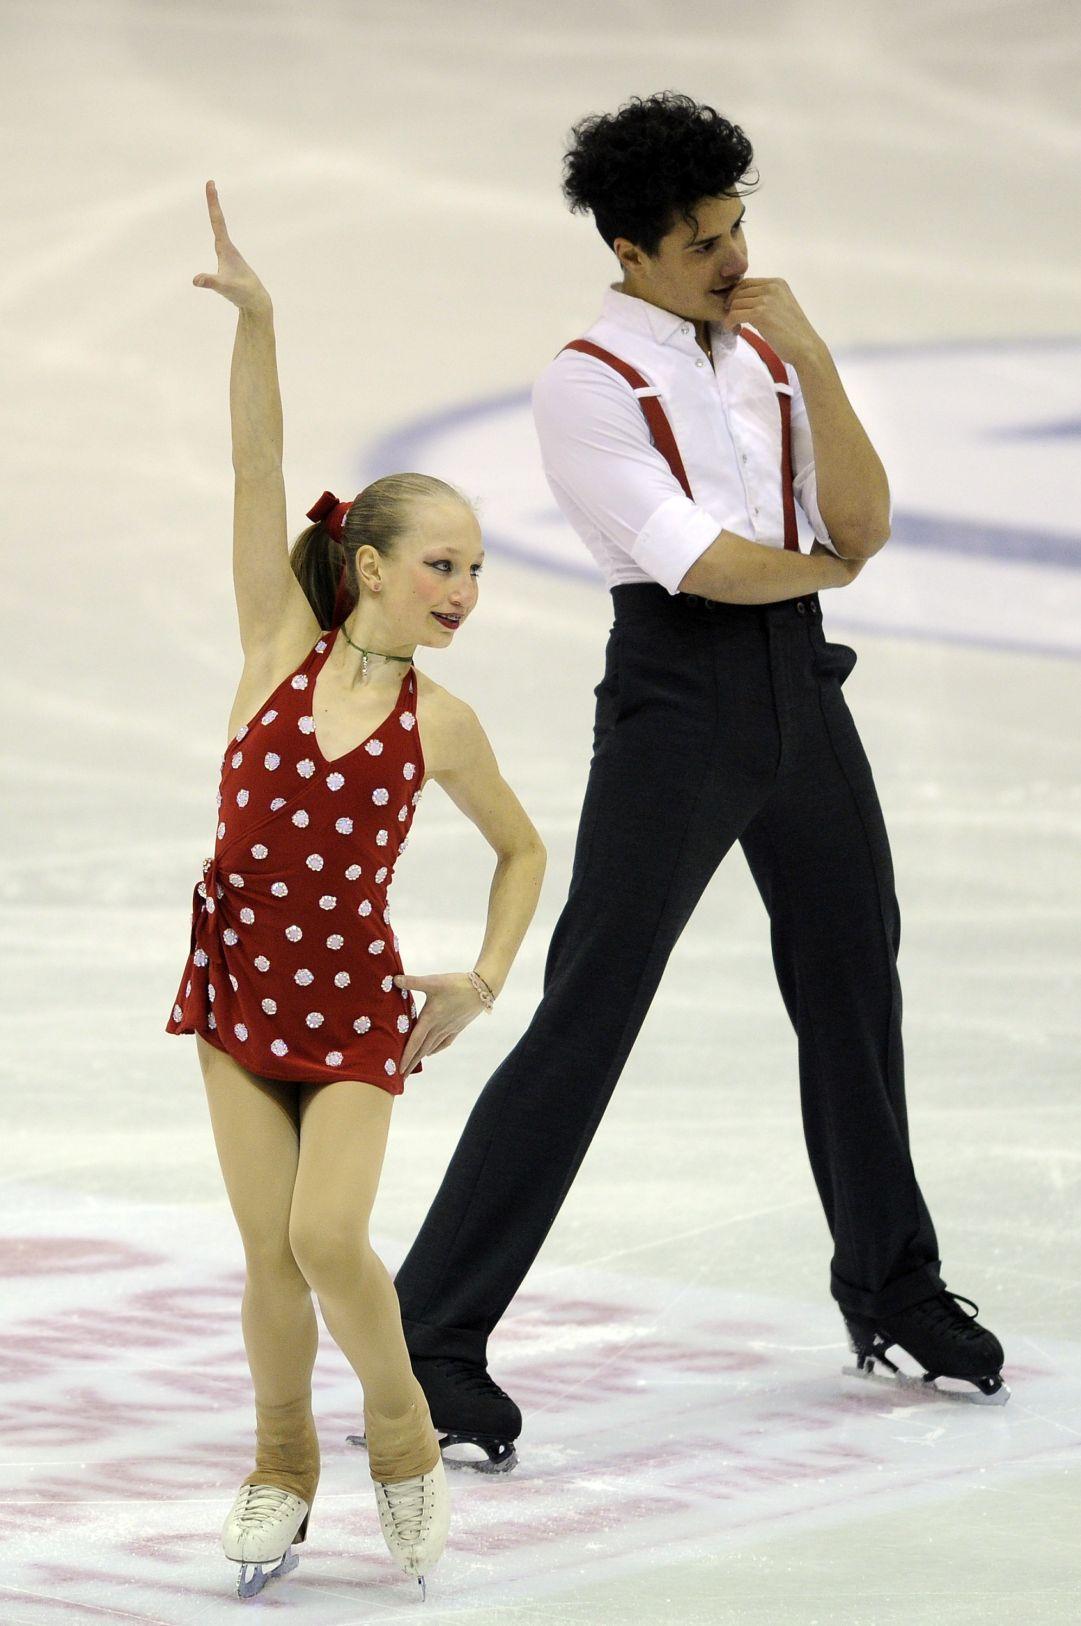 Alcune novità sul ghiaccio italiano